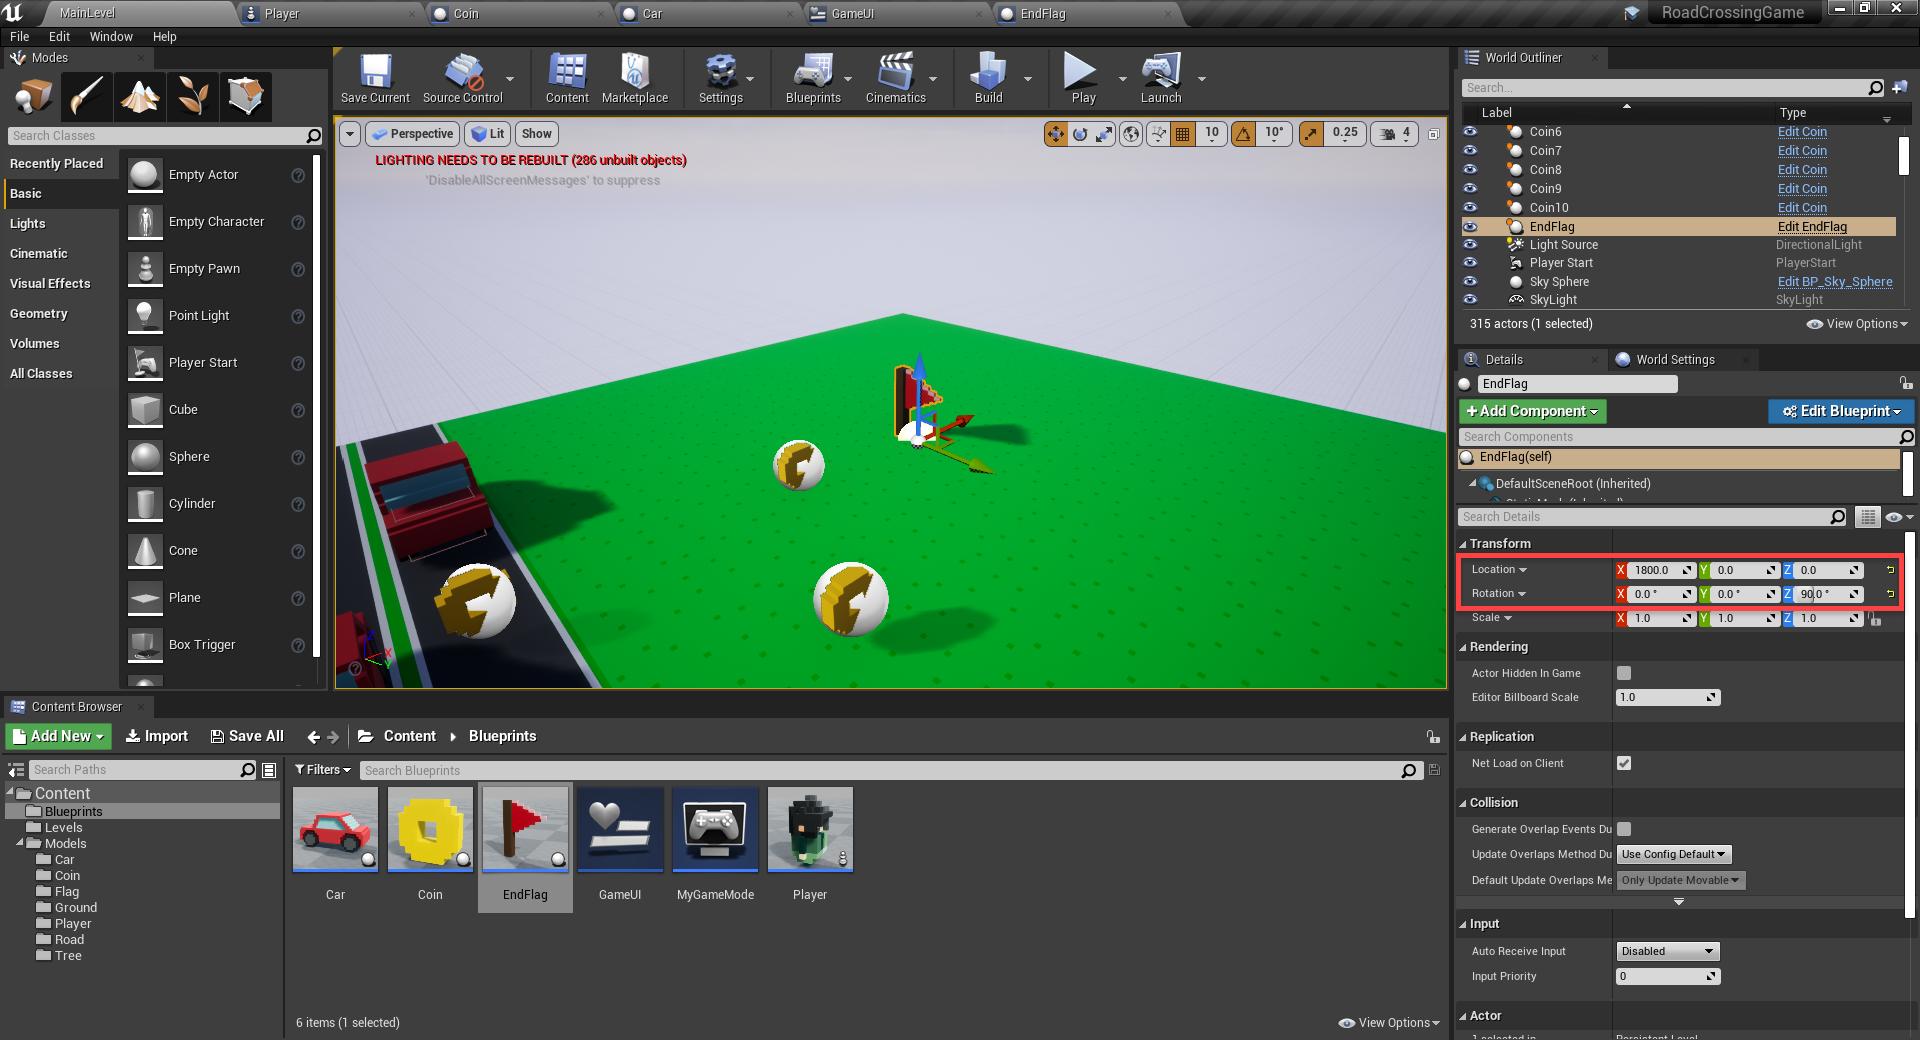 EndGoal blueprint added to Unreal Engine level